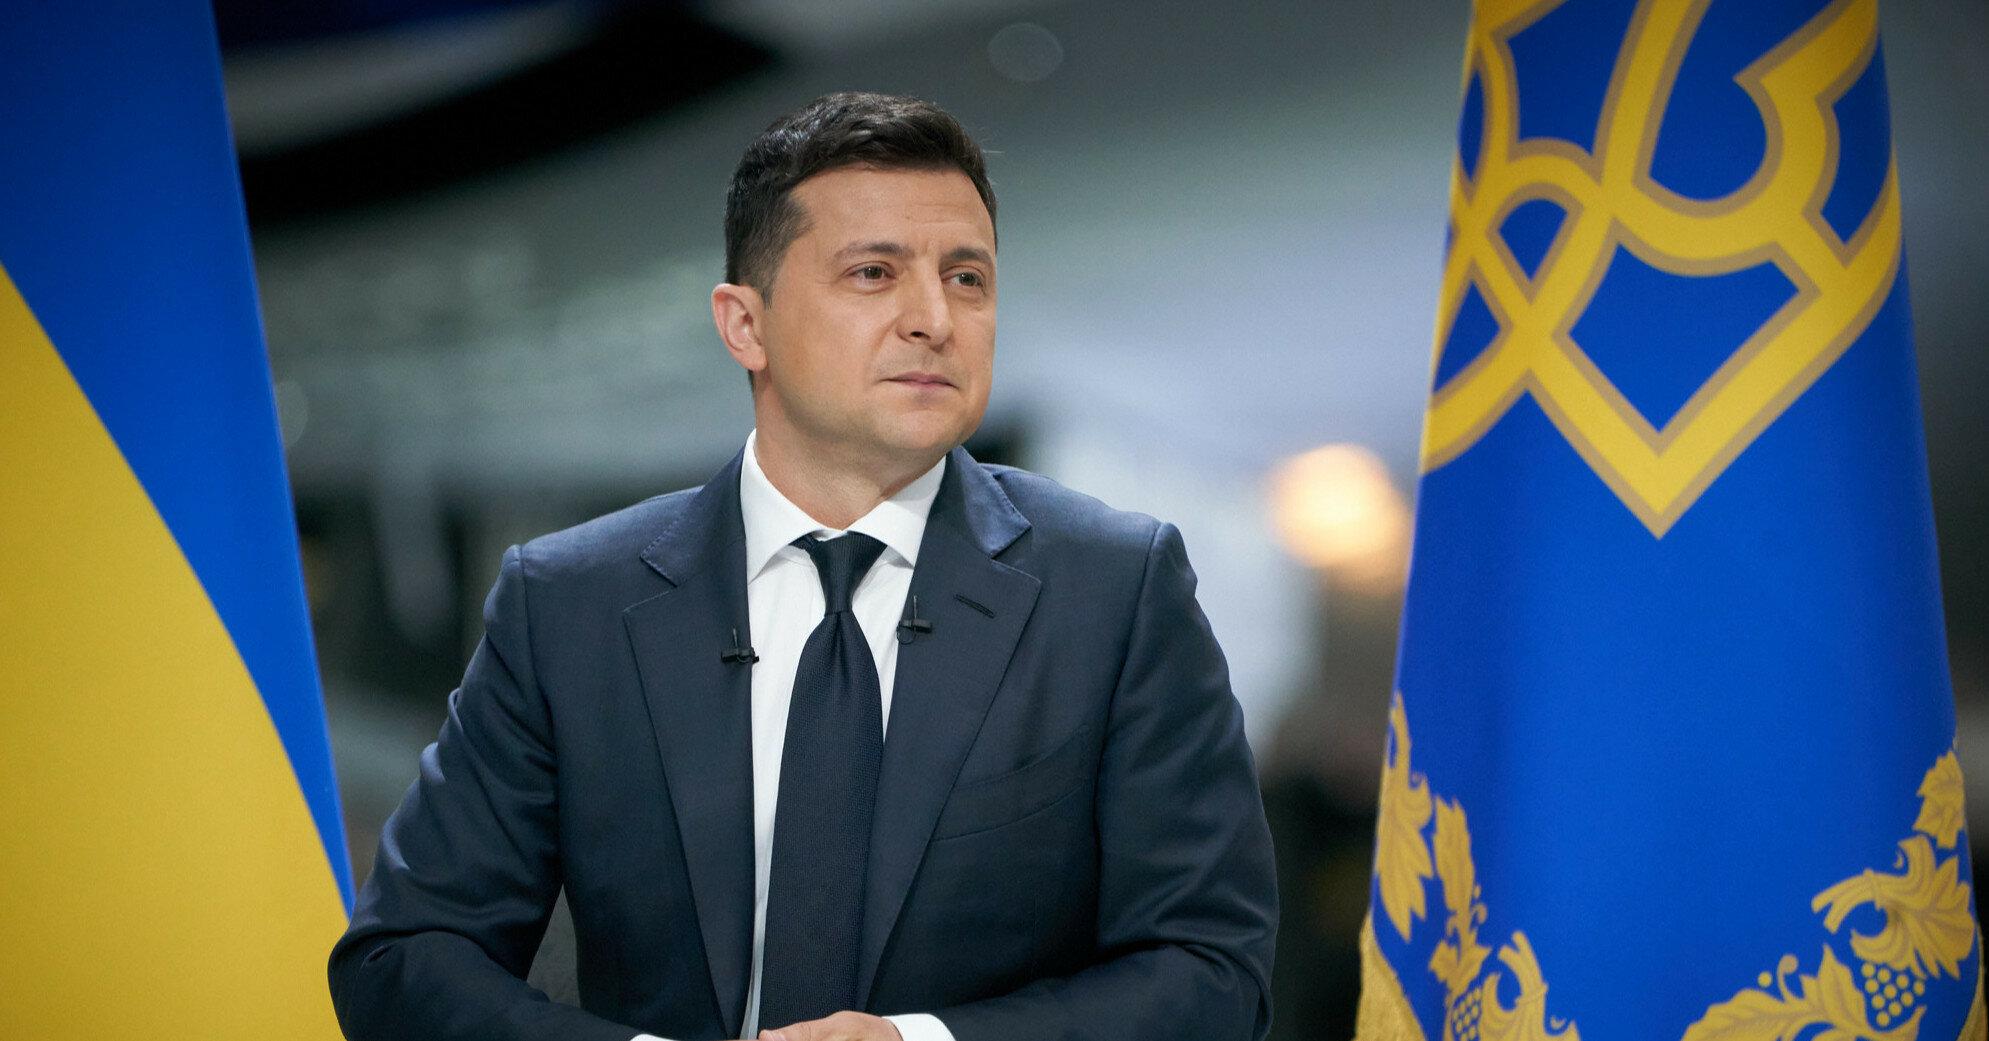 Украина вскоре получит турецкие беспилотники Bayraktar - Зеленский